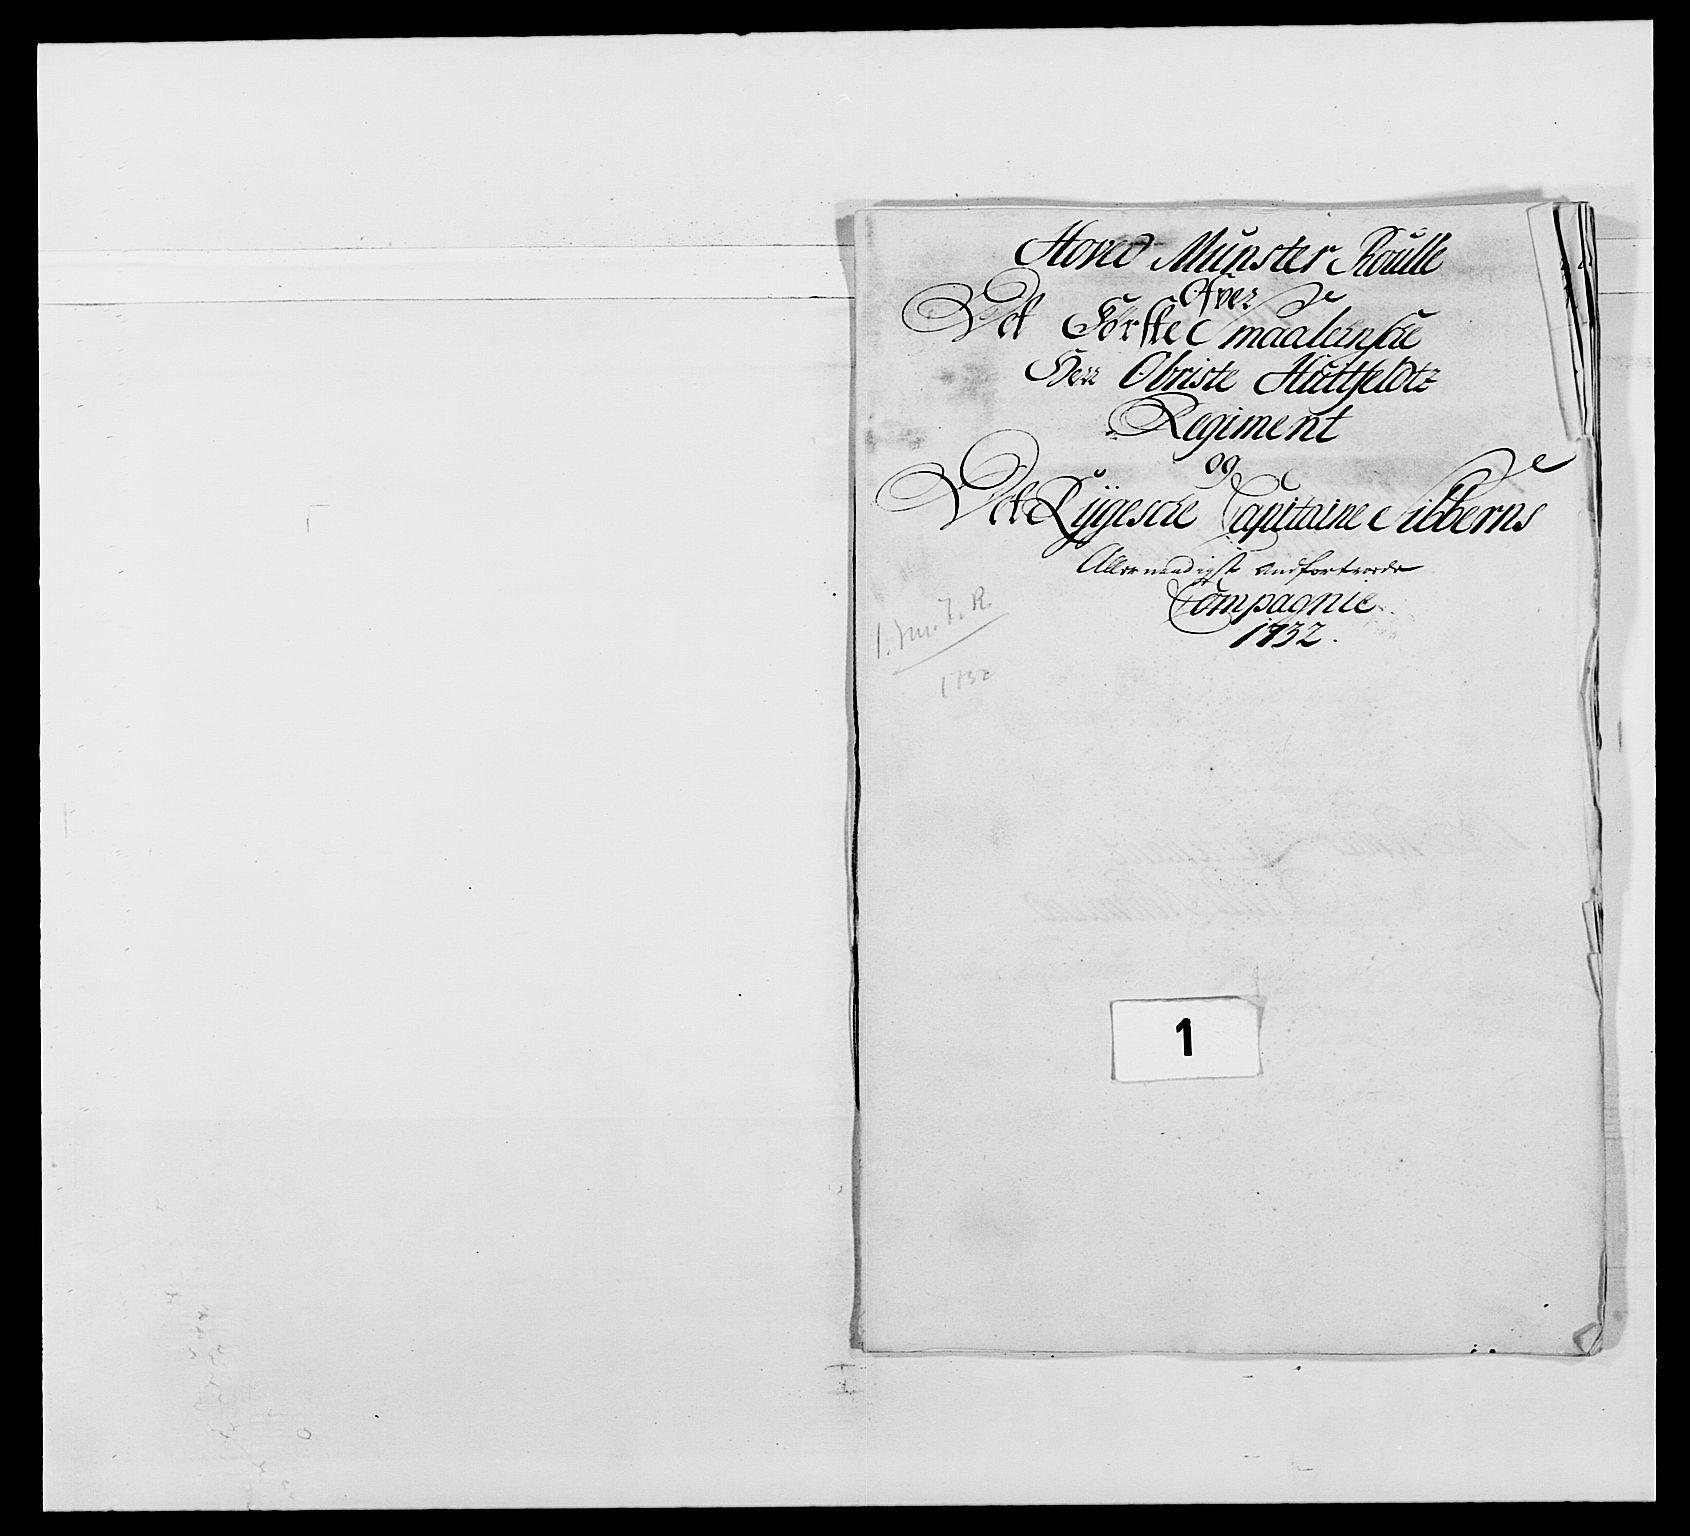 RA, Kommanderende general (KG I) med Det norske krigsdirektorium, E/Ea/L0495: 1. Smålenske regiment, 1732-1763, s. 10